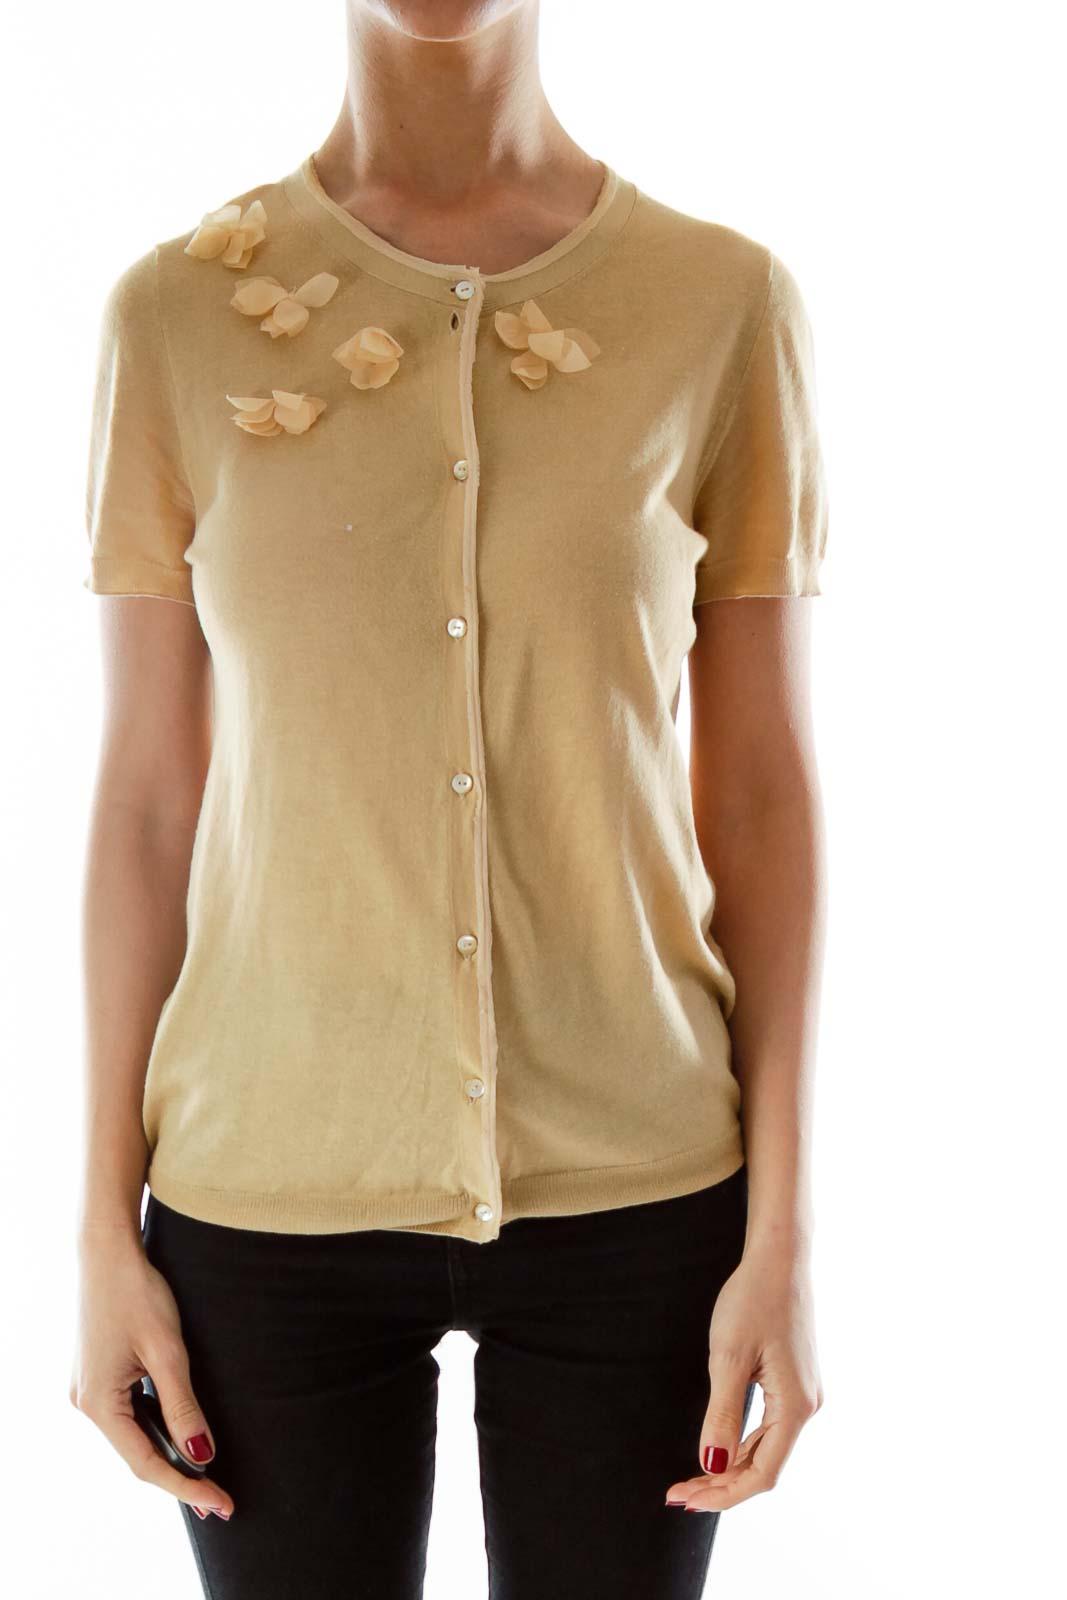 Beige Flower Textured Knit Top